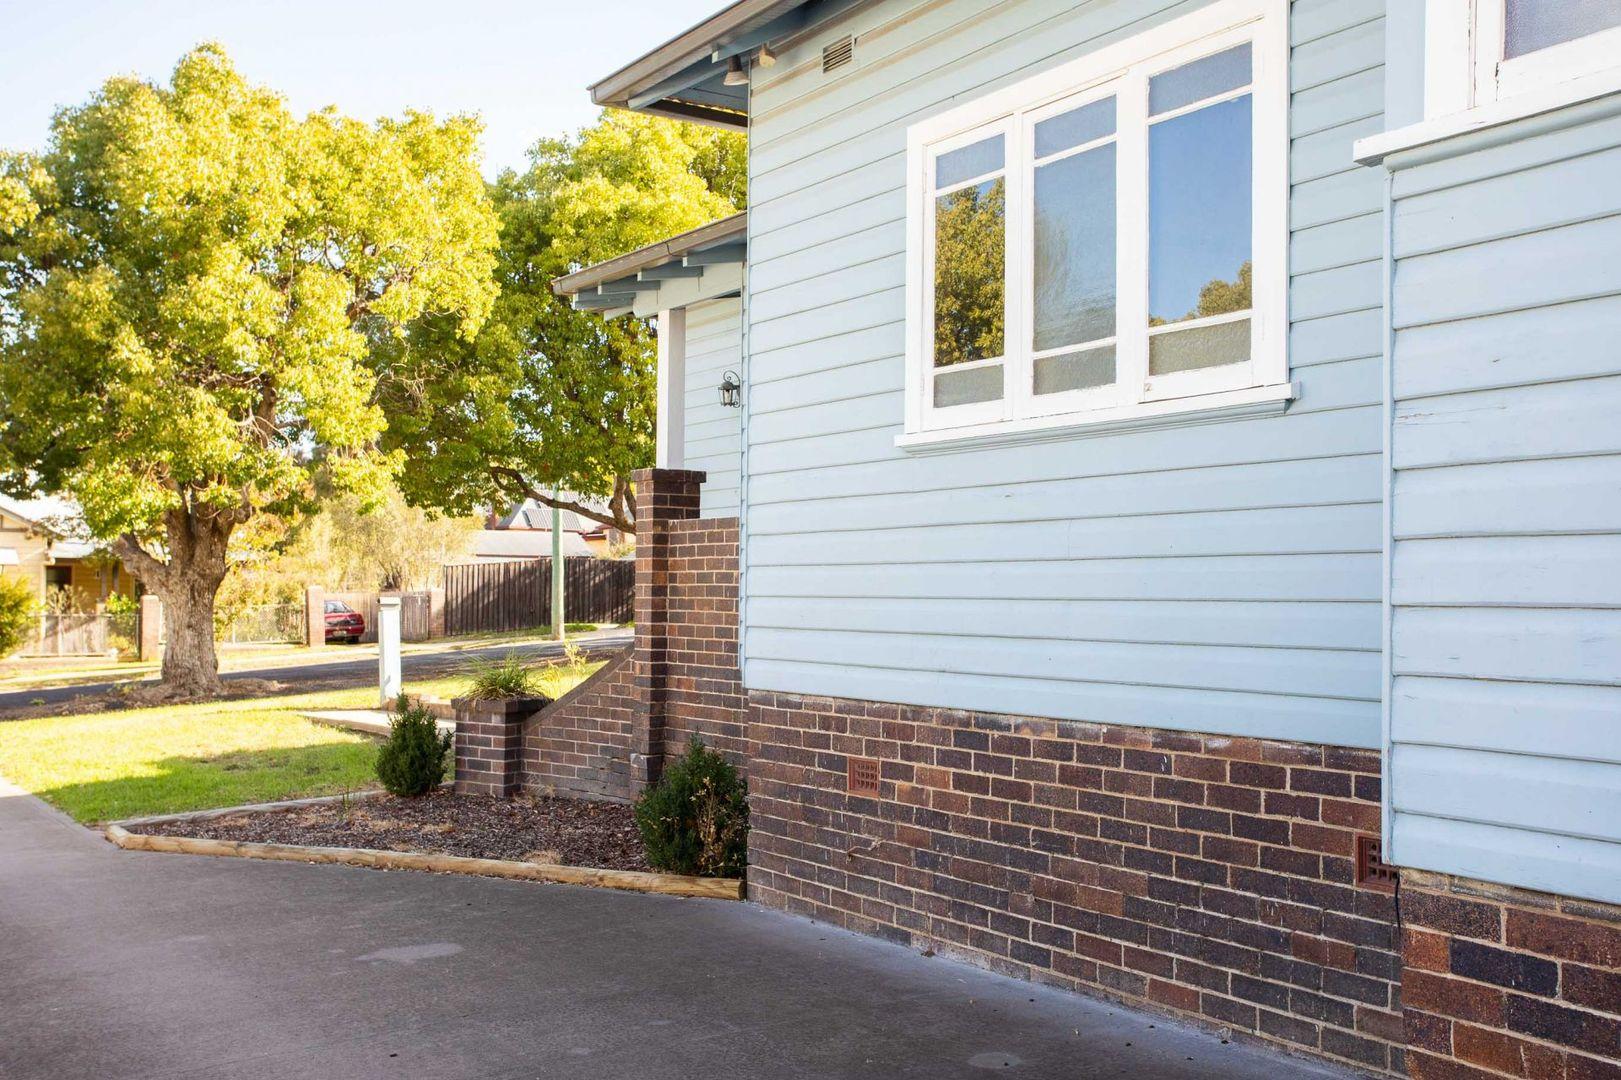 113 Jeffrey Street, Armidale NSW 2350, Image 1